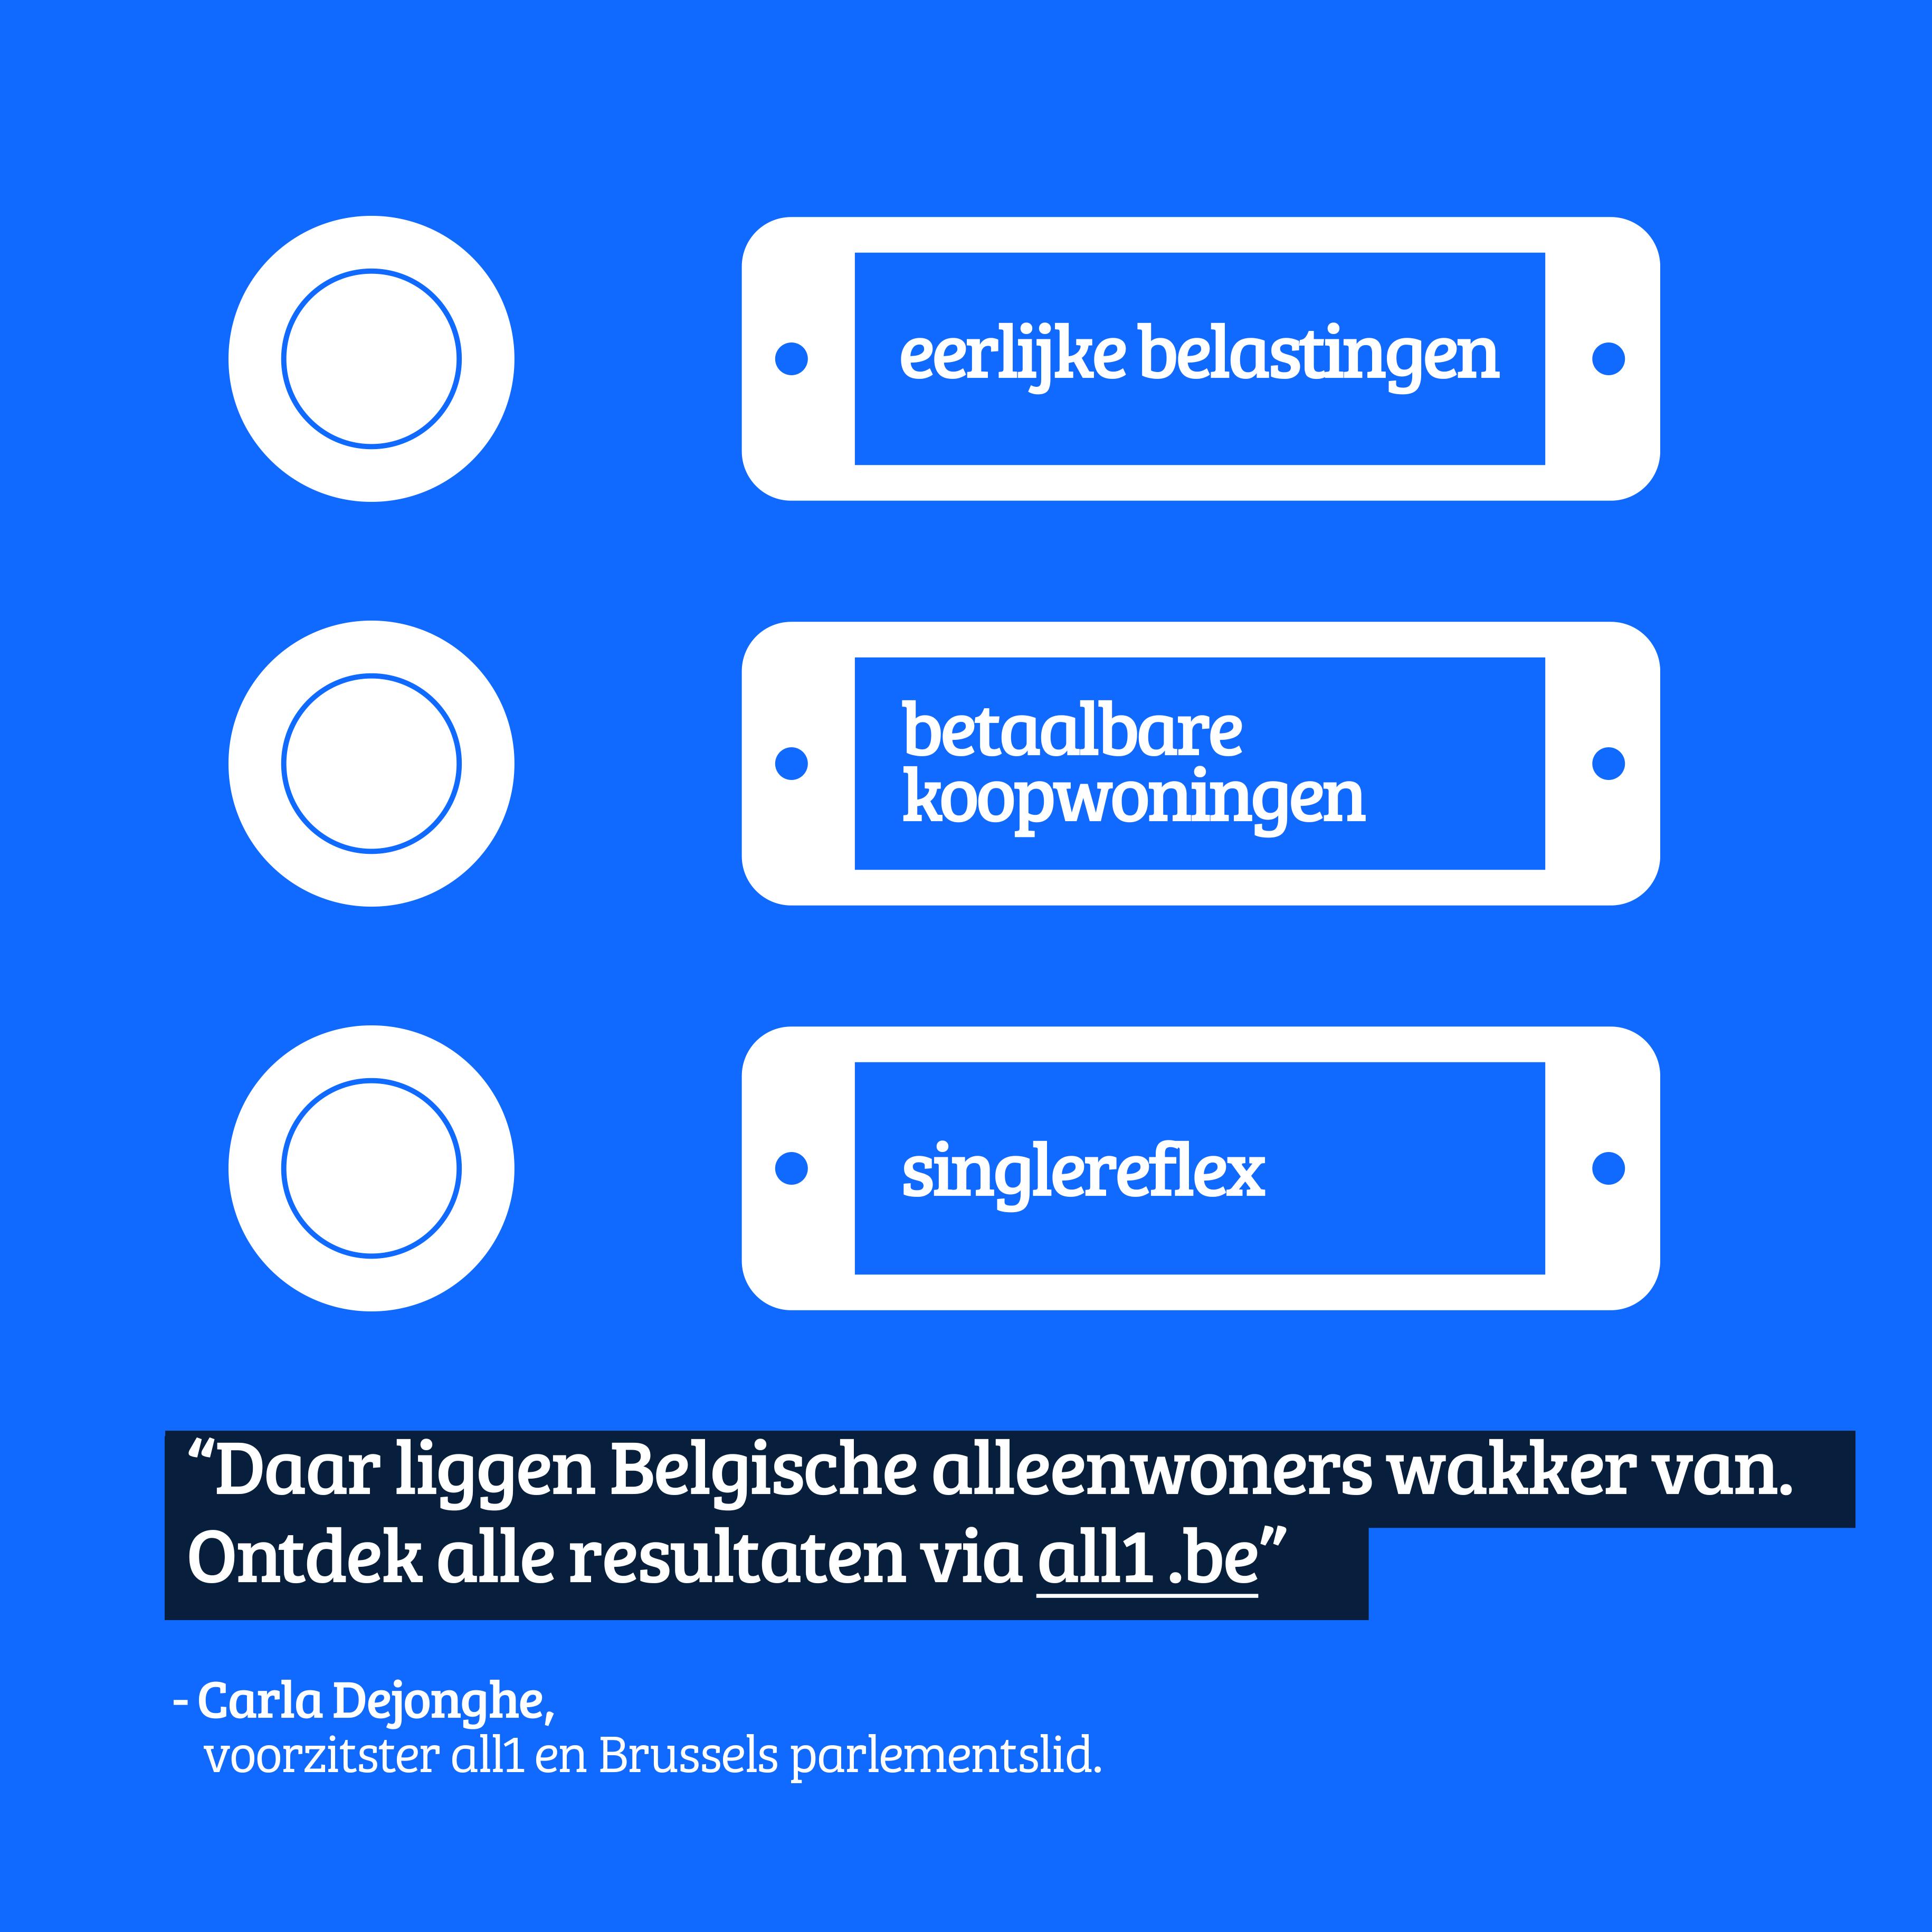 Belgische alleenwoners vragen eerlijkere belastingen en betaalbaardere woningen